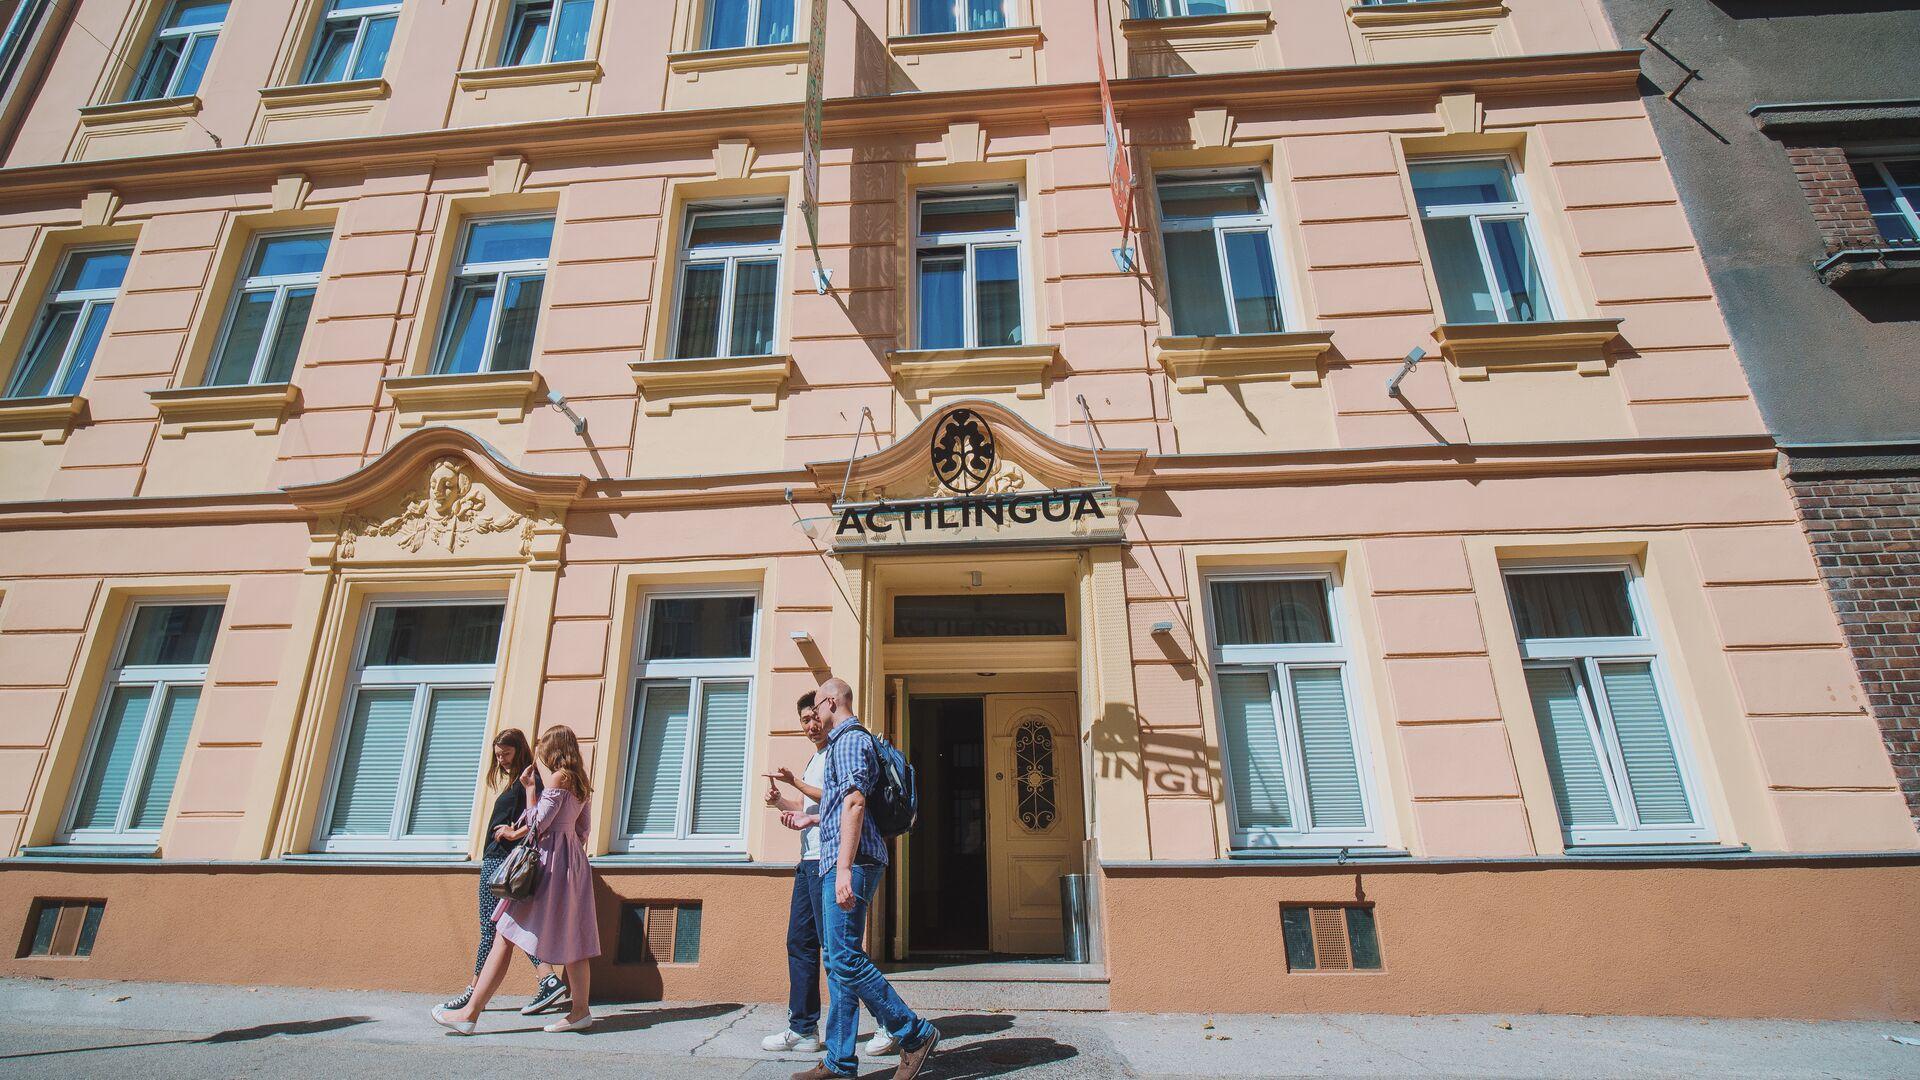 Sprachaufenthalt Österreich, Wien - Actilingua Academy Vienna - Schule